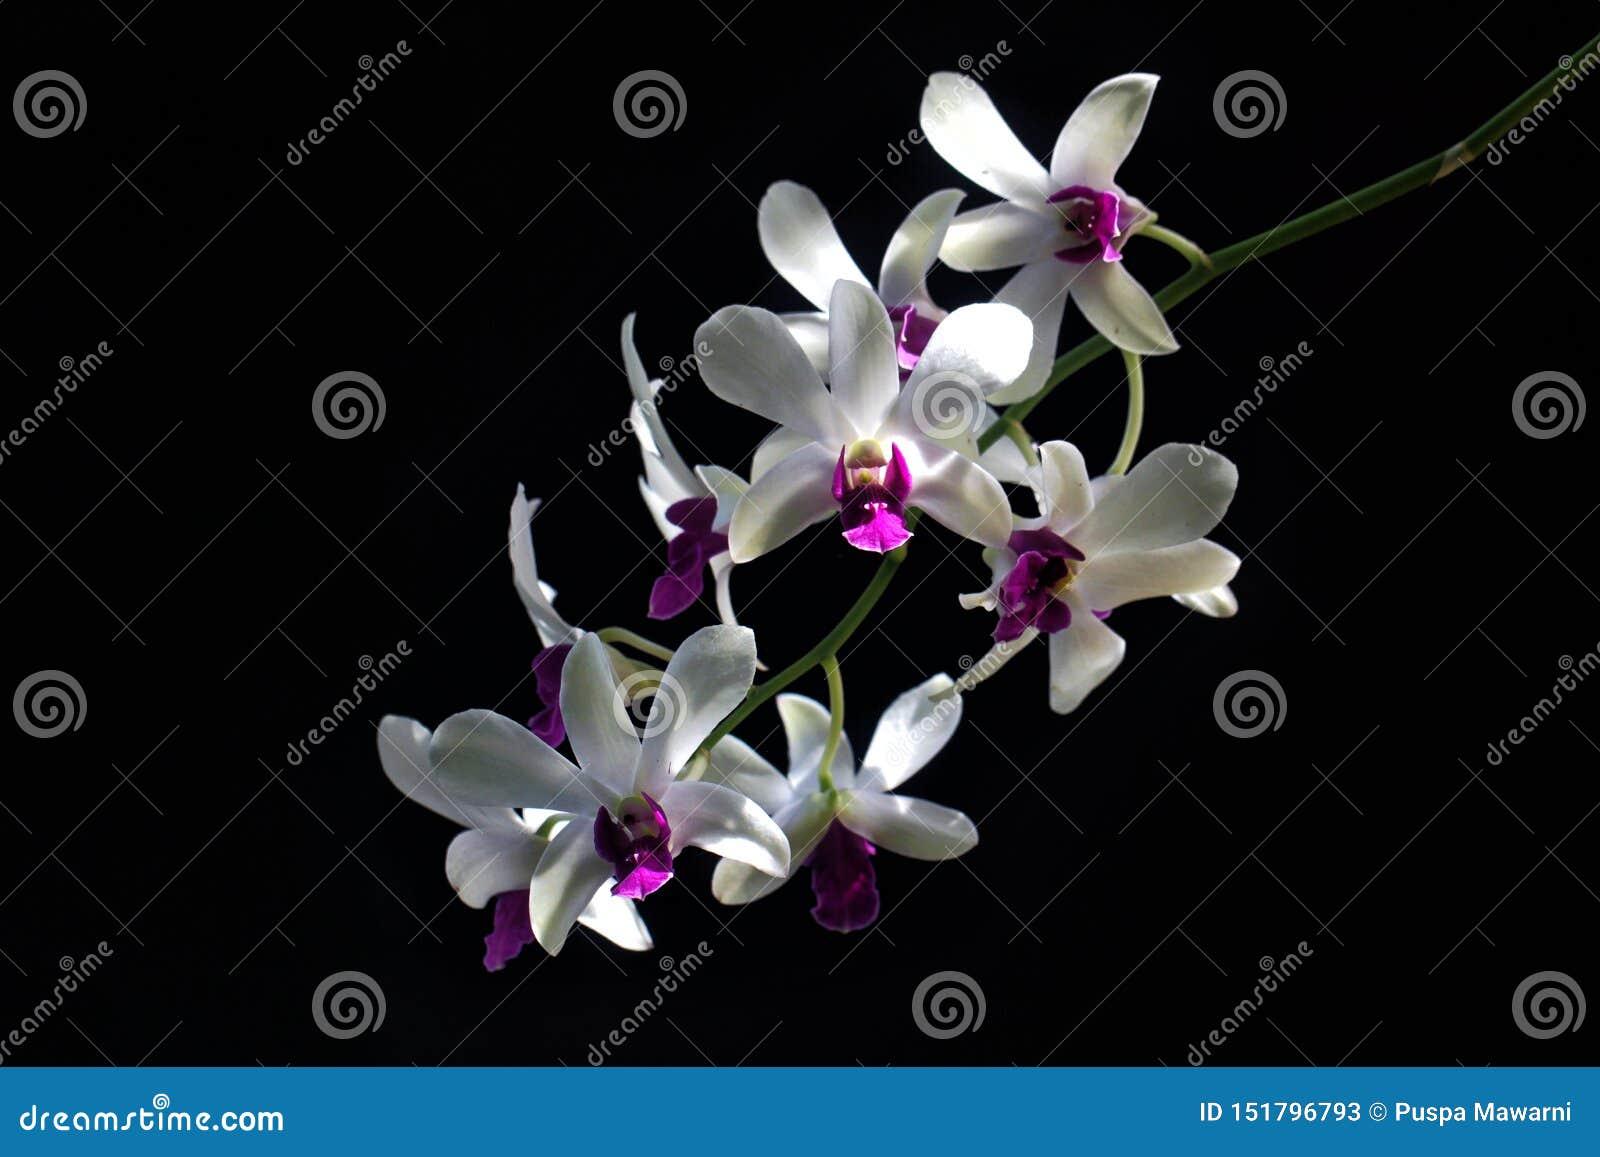 Detalhe das orquídeas roxas brancas Dendrodium com fundo preto e luz natural nas pétalas da flor